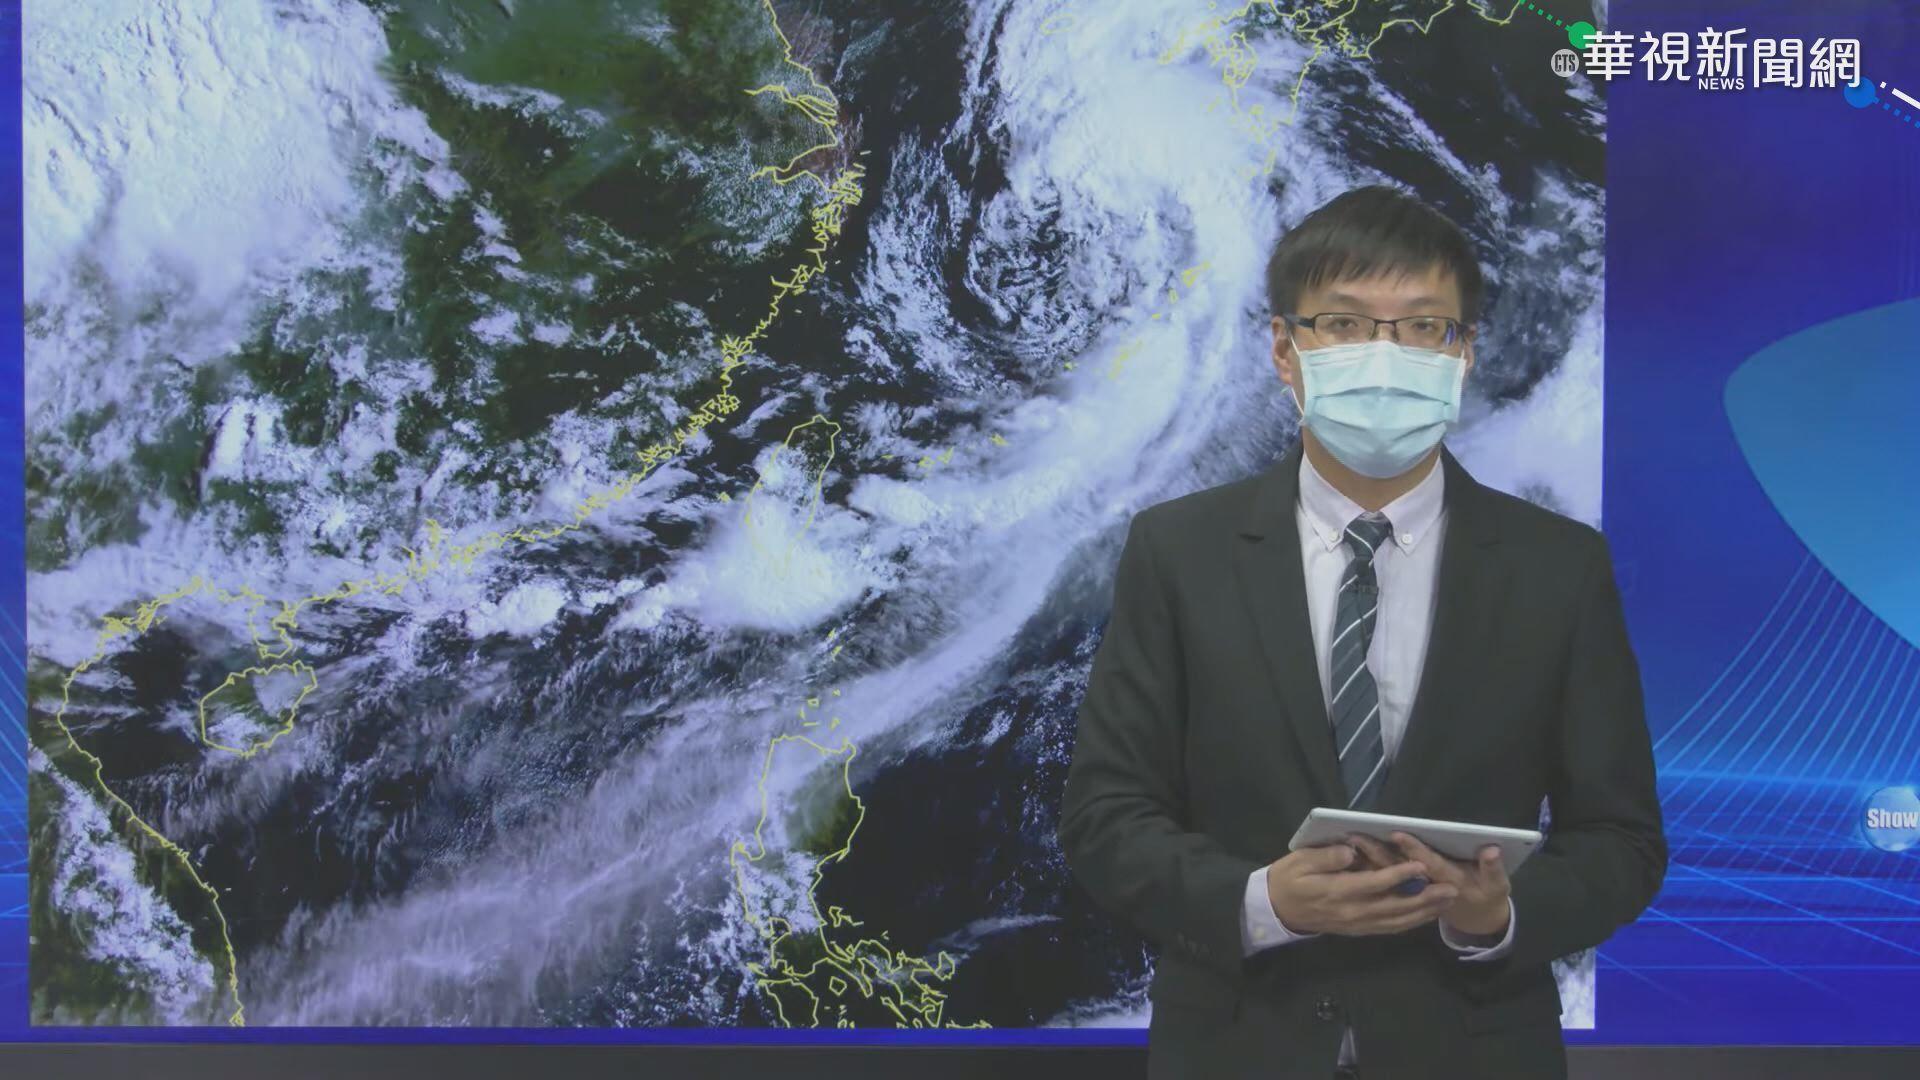 輕颱盧碧復活前進日本 中南部防暴雨